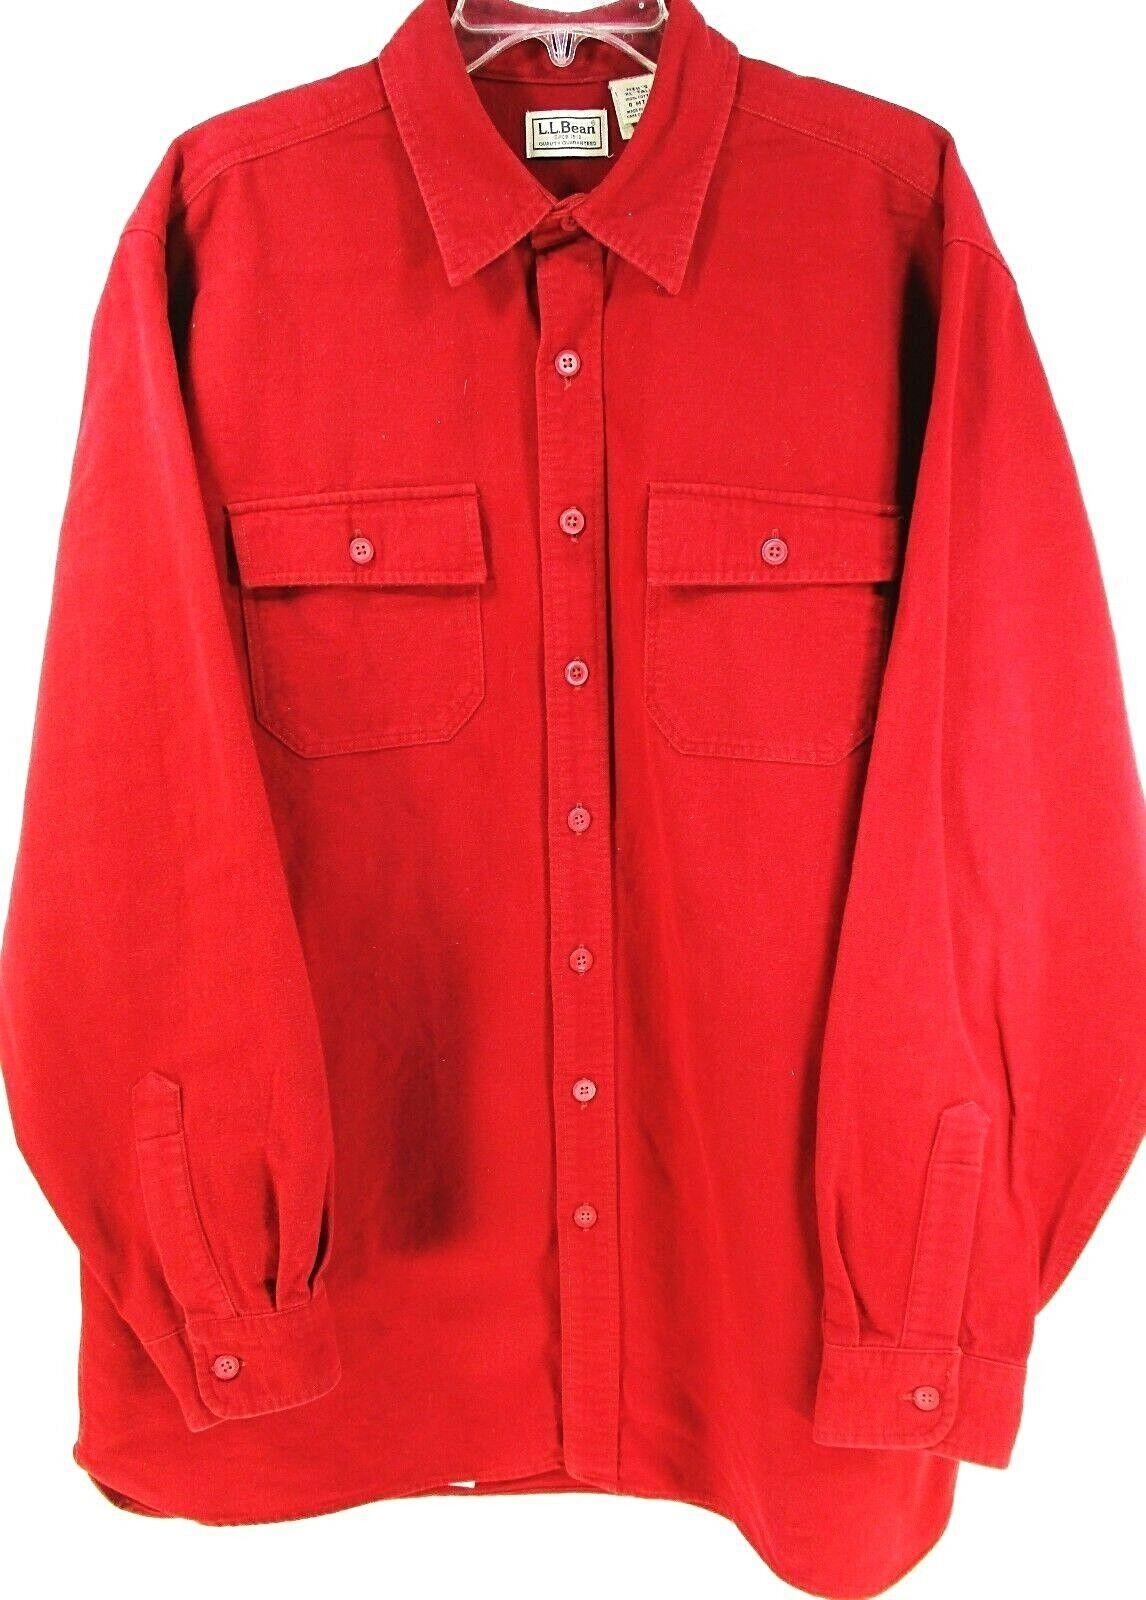 736b82701deb46 LL Bean Men Button Up Shirt Size XLT Red 100% Cotton 2 Flap Button ...